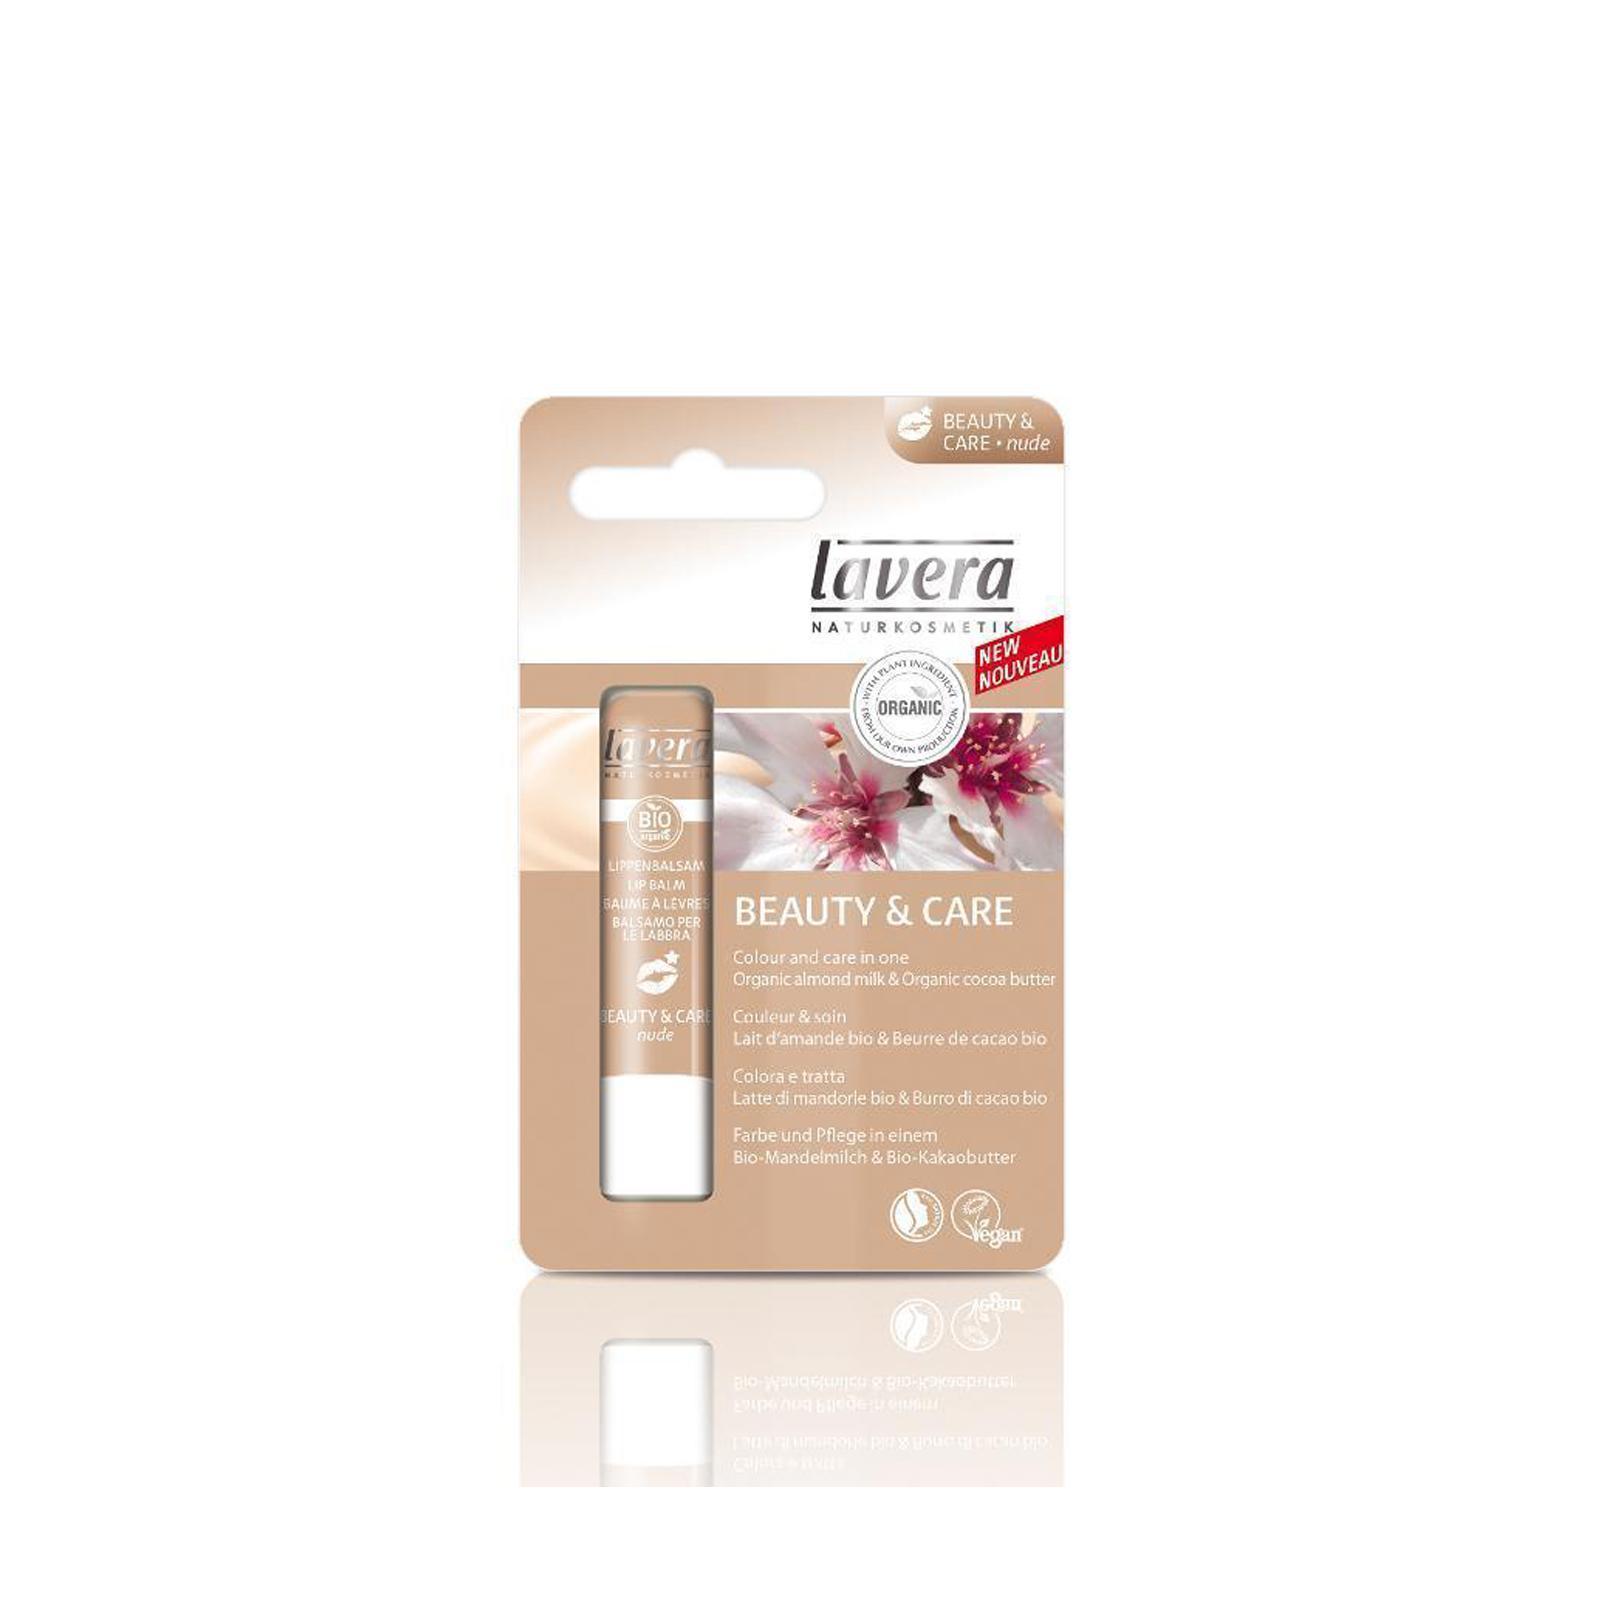 Lavera Balzám na rty Beauty & Care tělová, Lips 2014 4,5 g